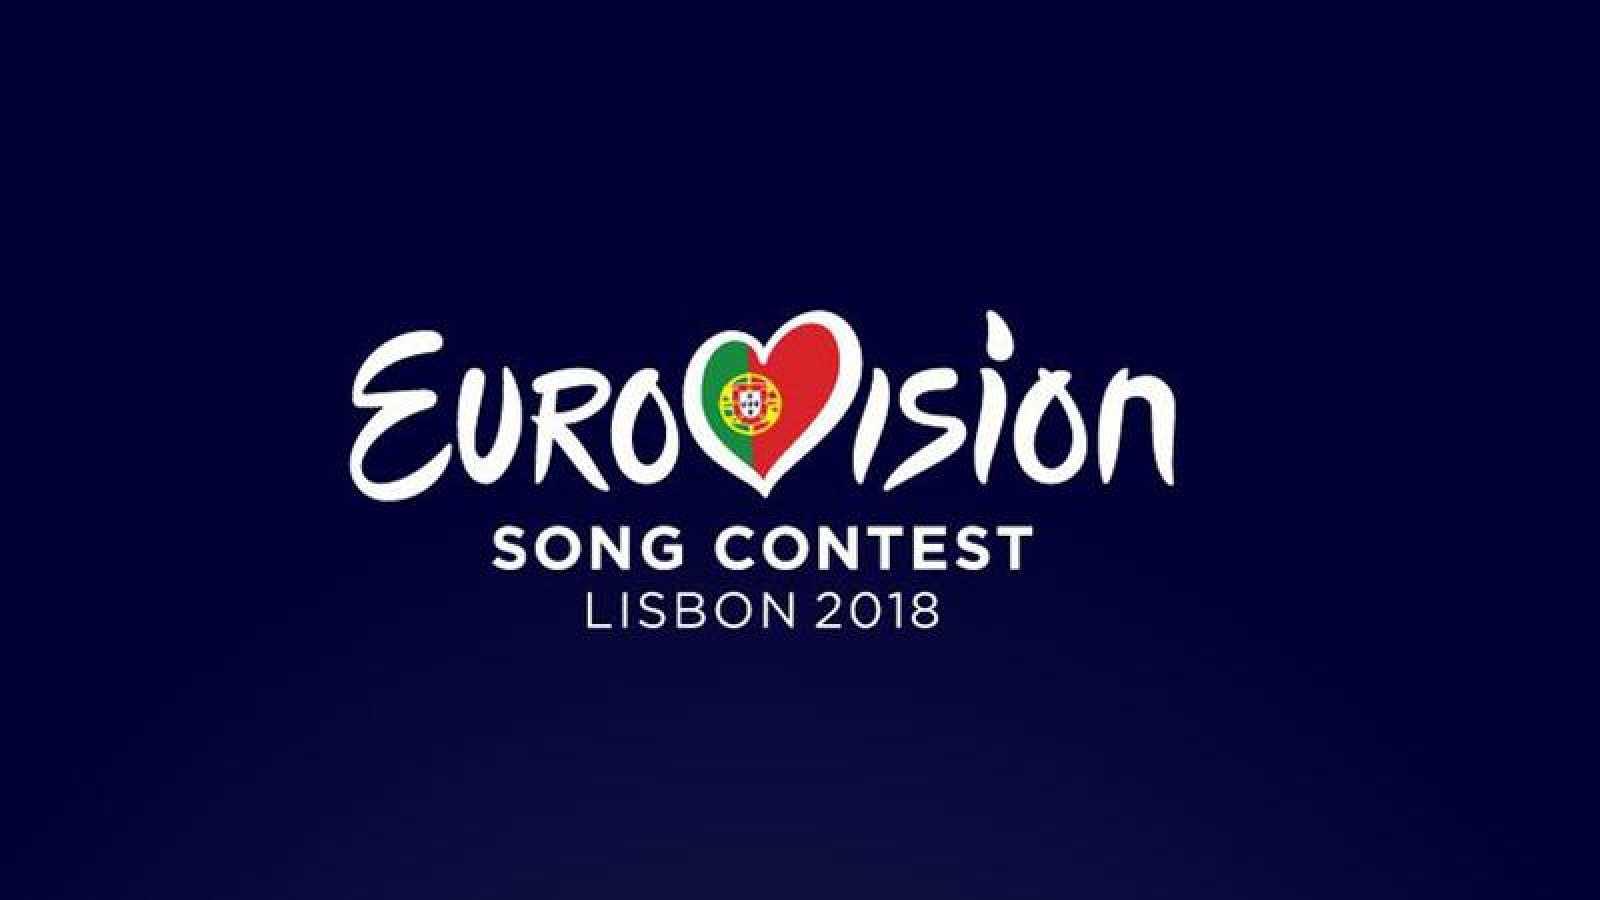 Eurovisión 2018: RTVE confirma su participación en el Festival de la canción